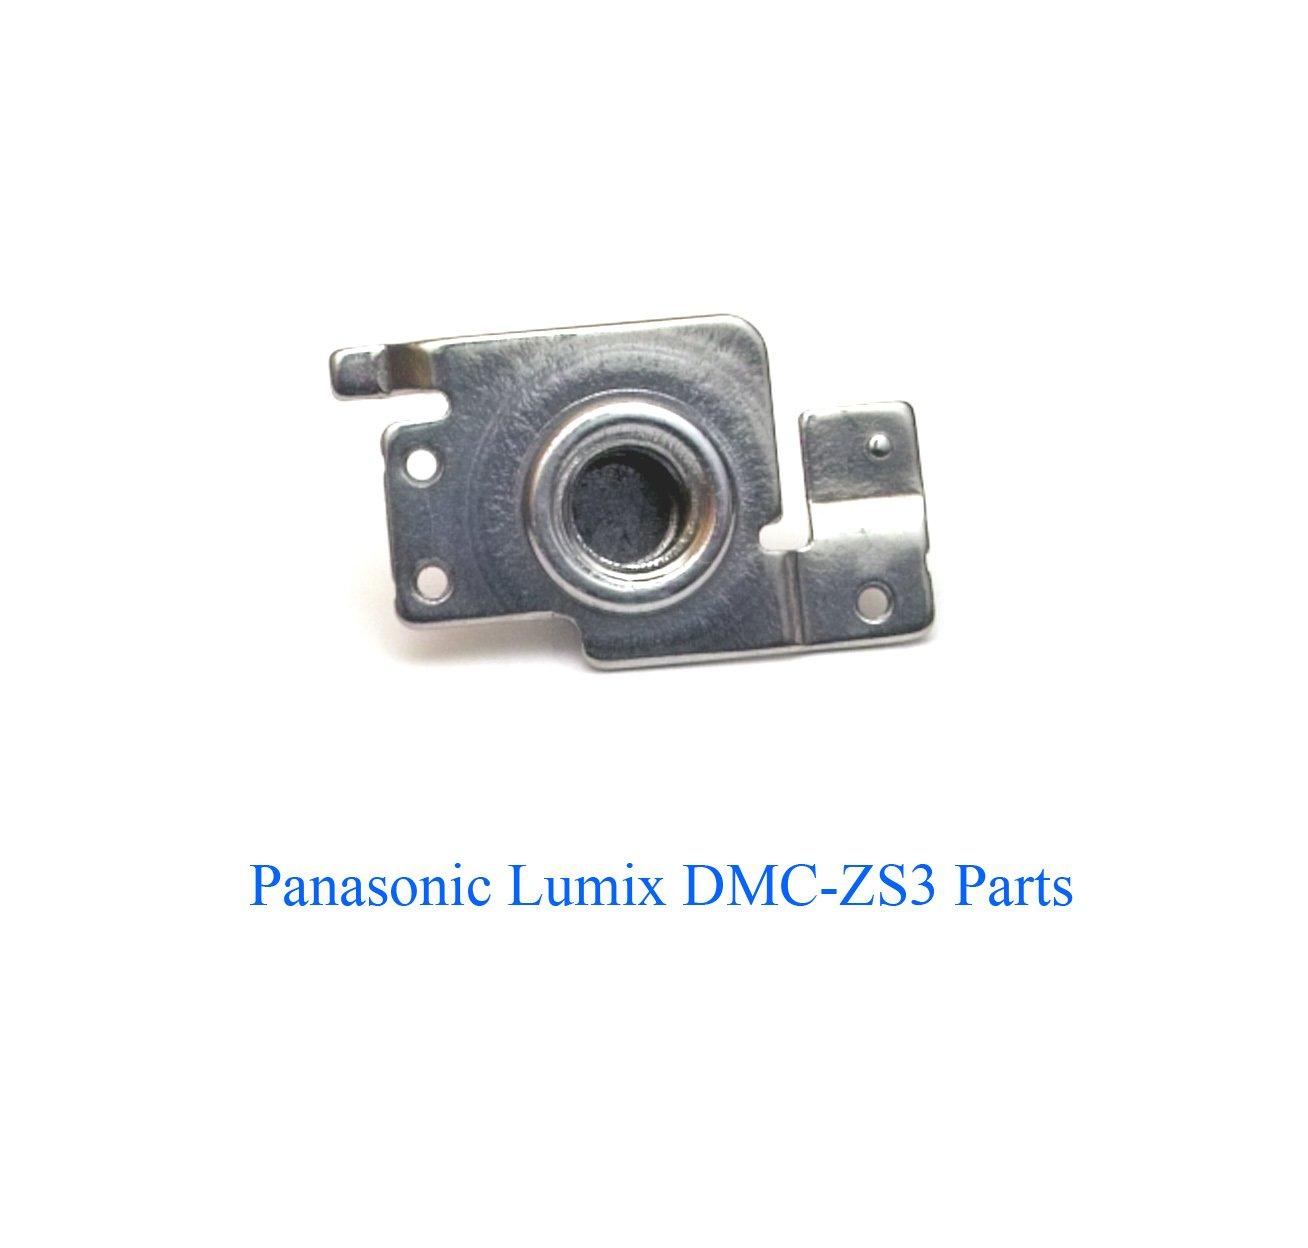 DRIVERS UPDATE: PANASONIC LUMIX DMC-ZS3